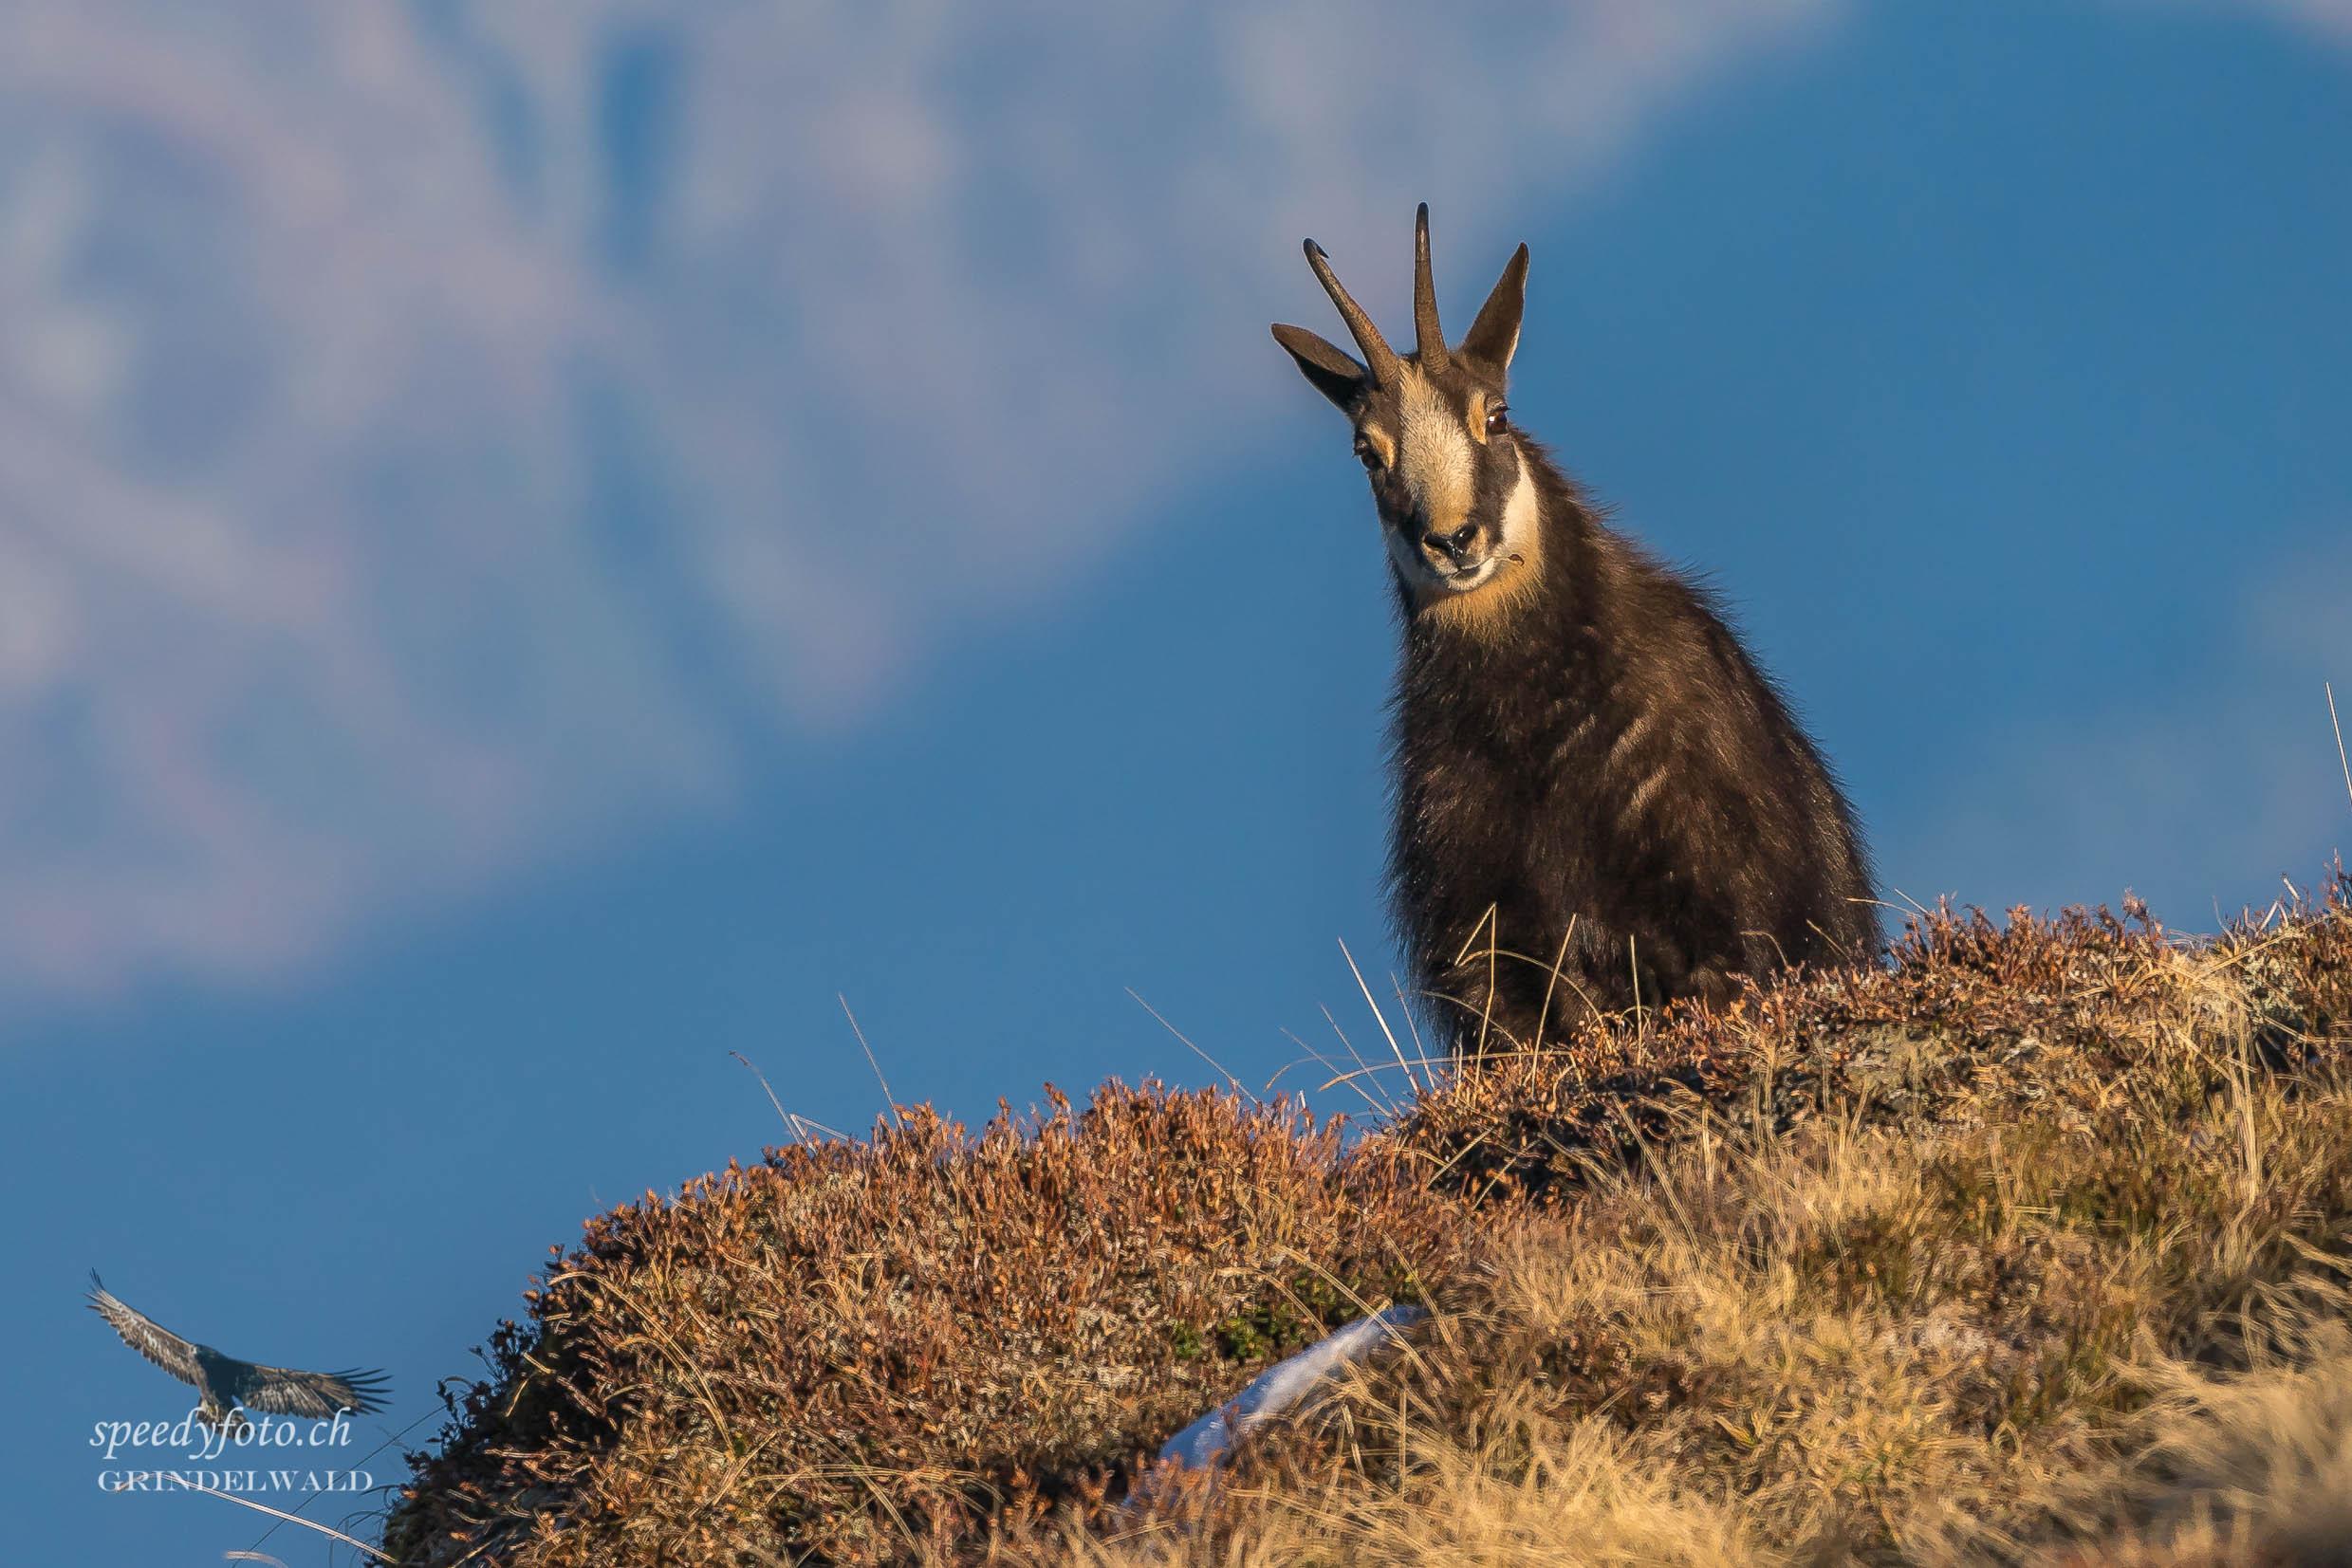 Begegnung im Abendlicht - Grindelwald Wildlife